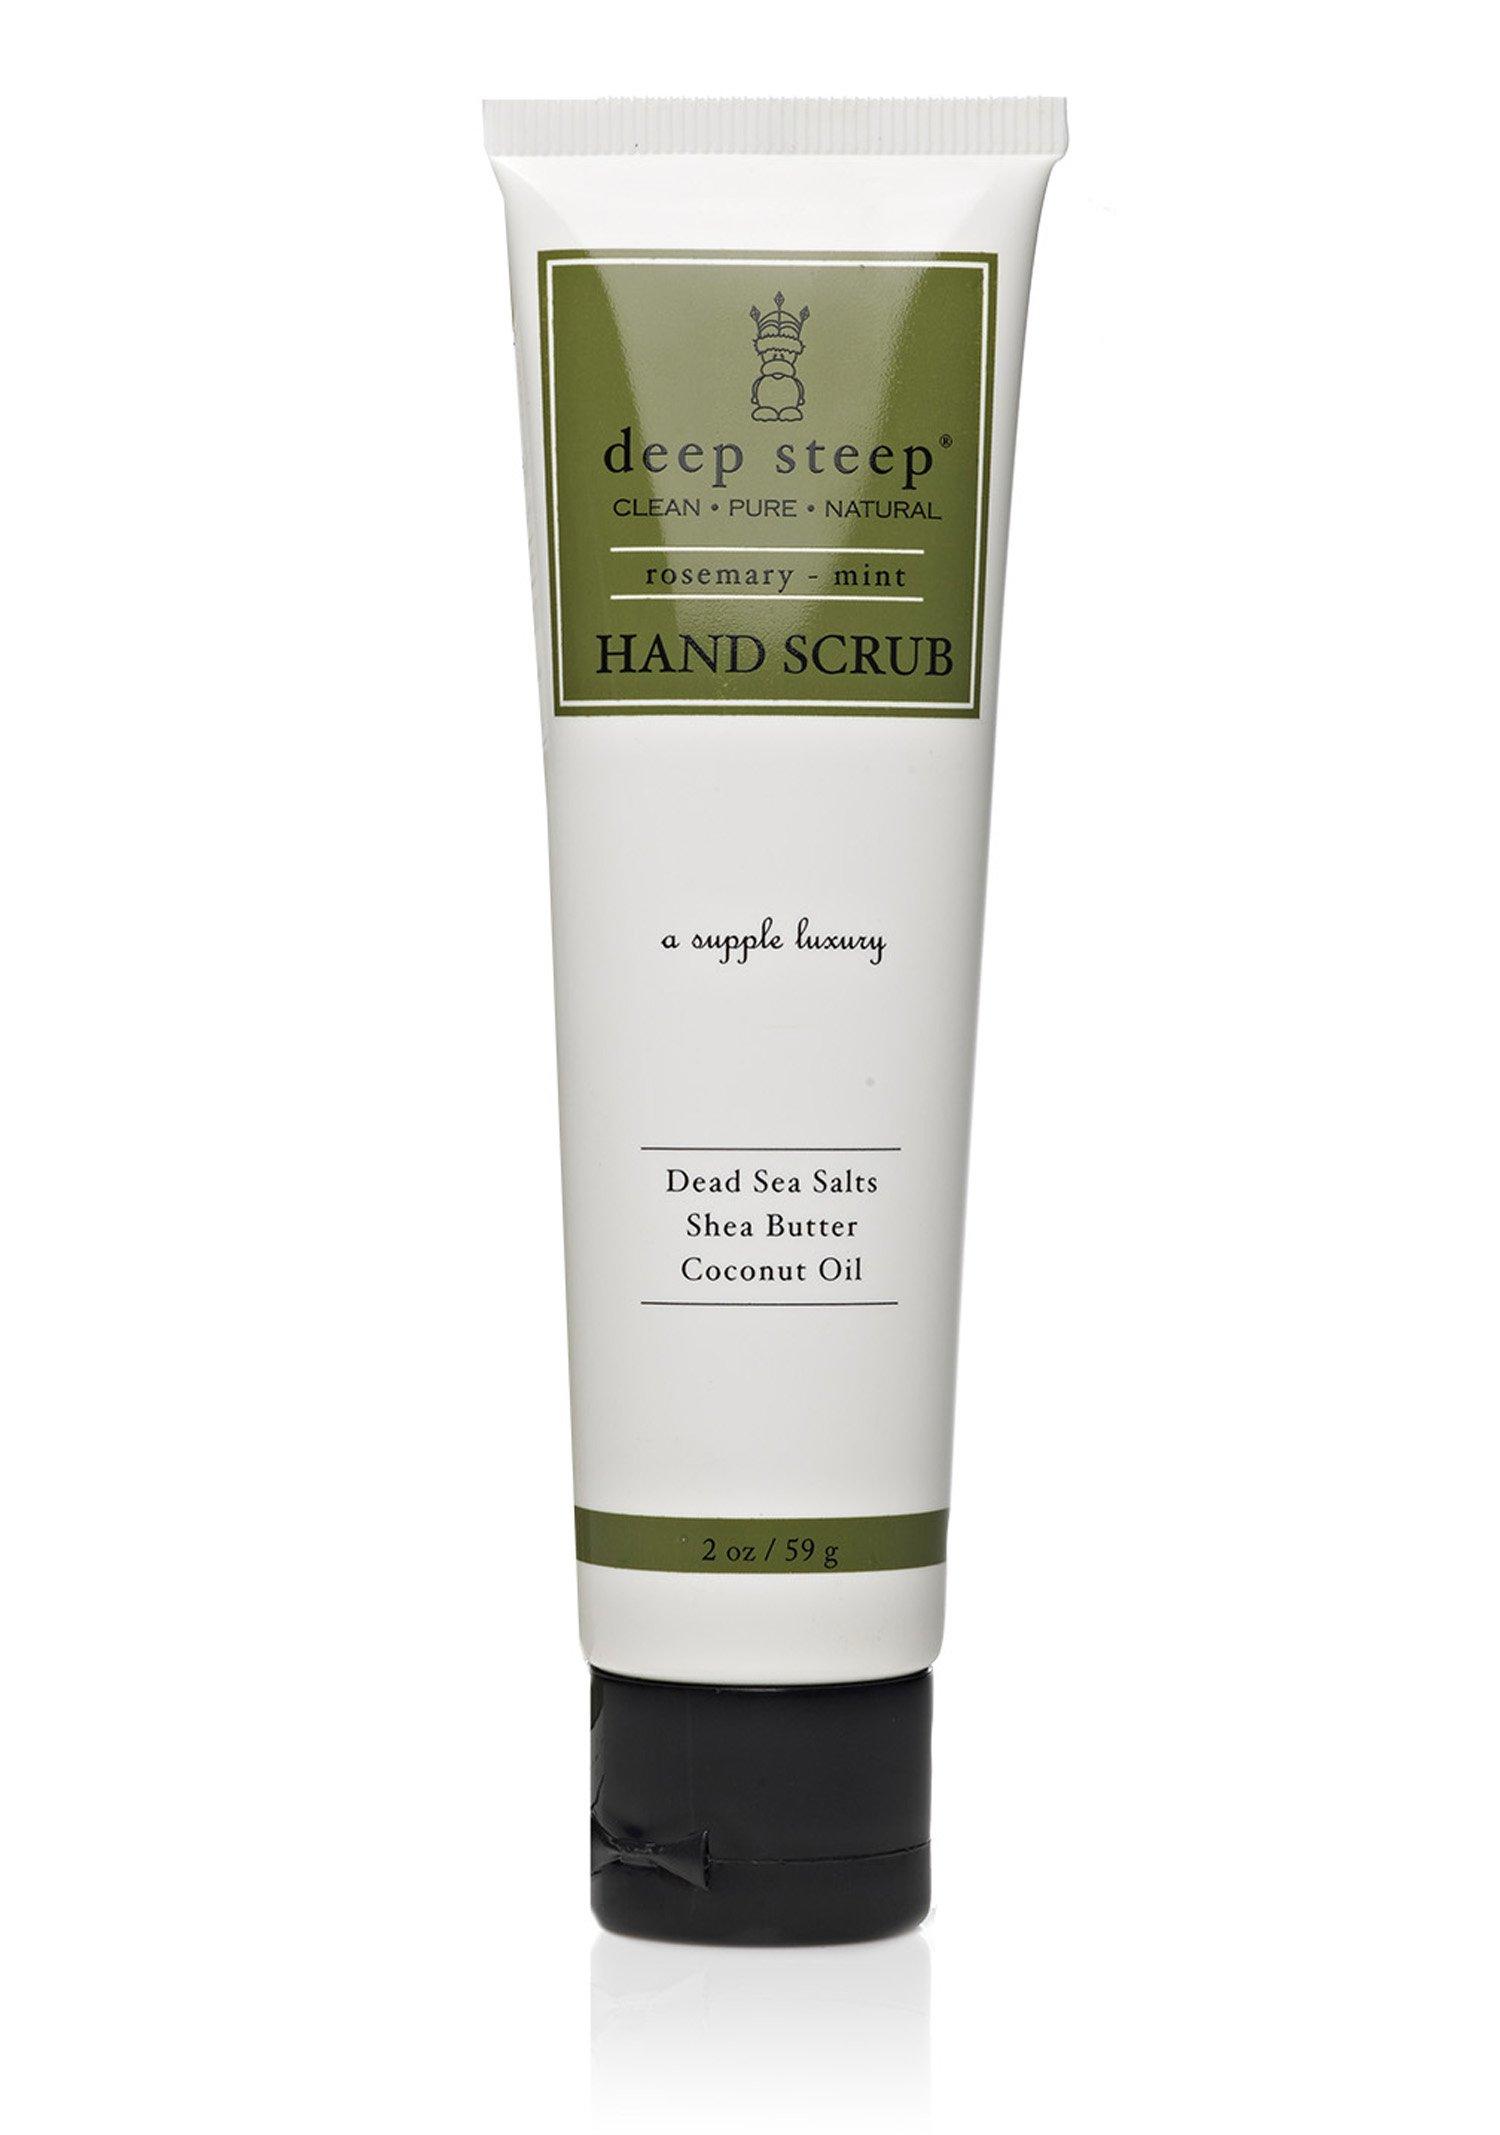 Deep Steep Hand Scrub, Rosemary Mint, 2 Ounce